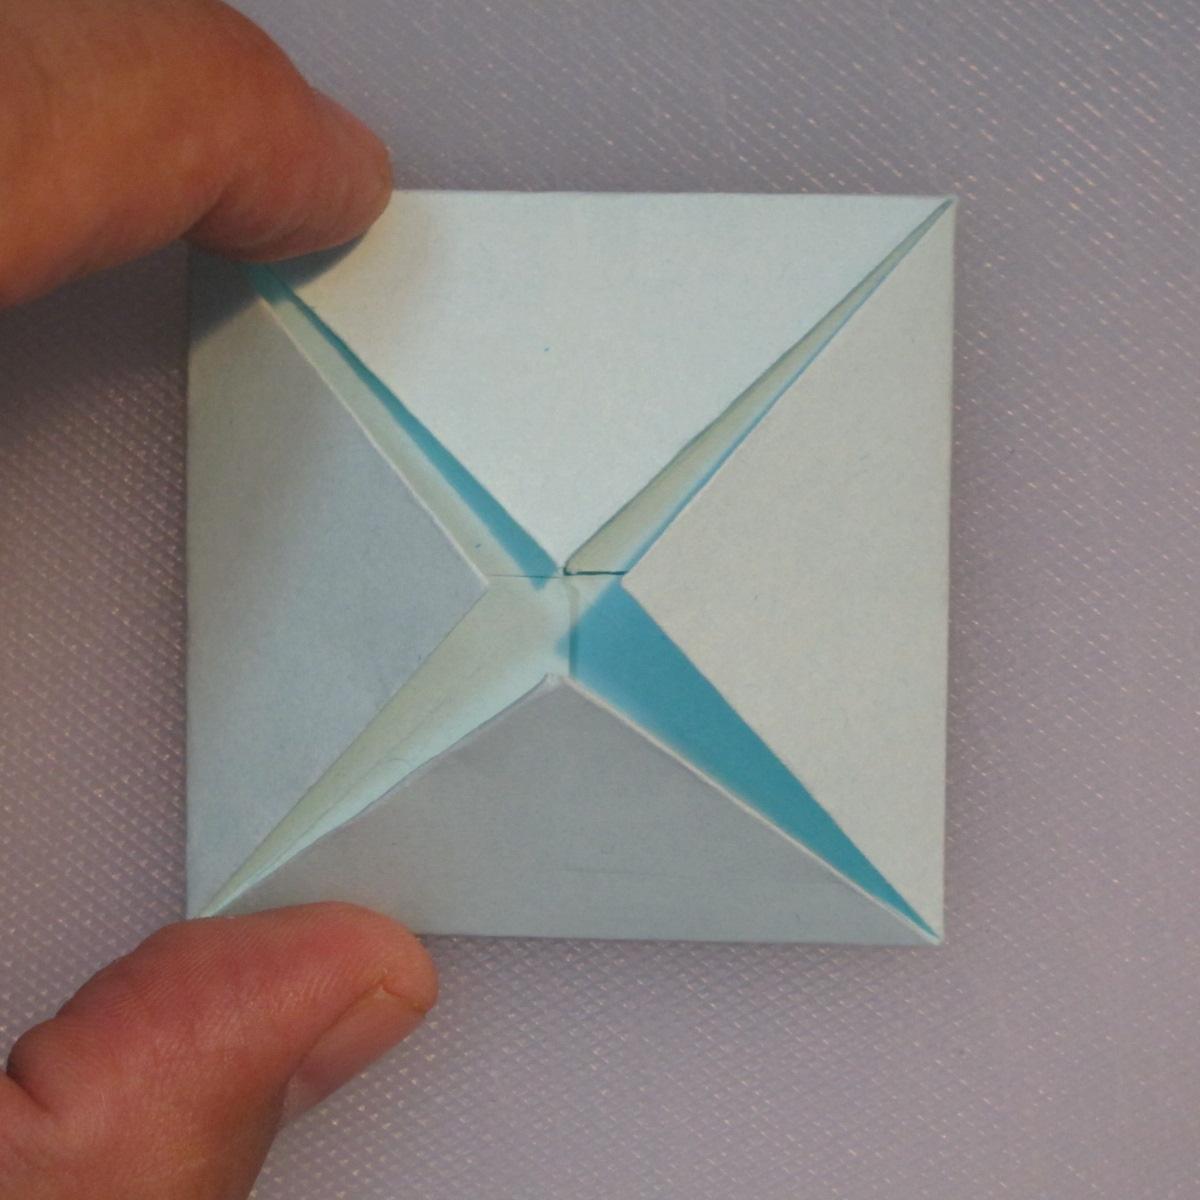 วิธีการพับกระดาษเป็นรูปโบว์ติดกล่องของขวัญ 005